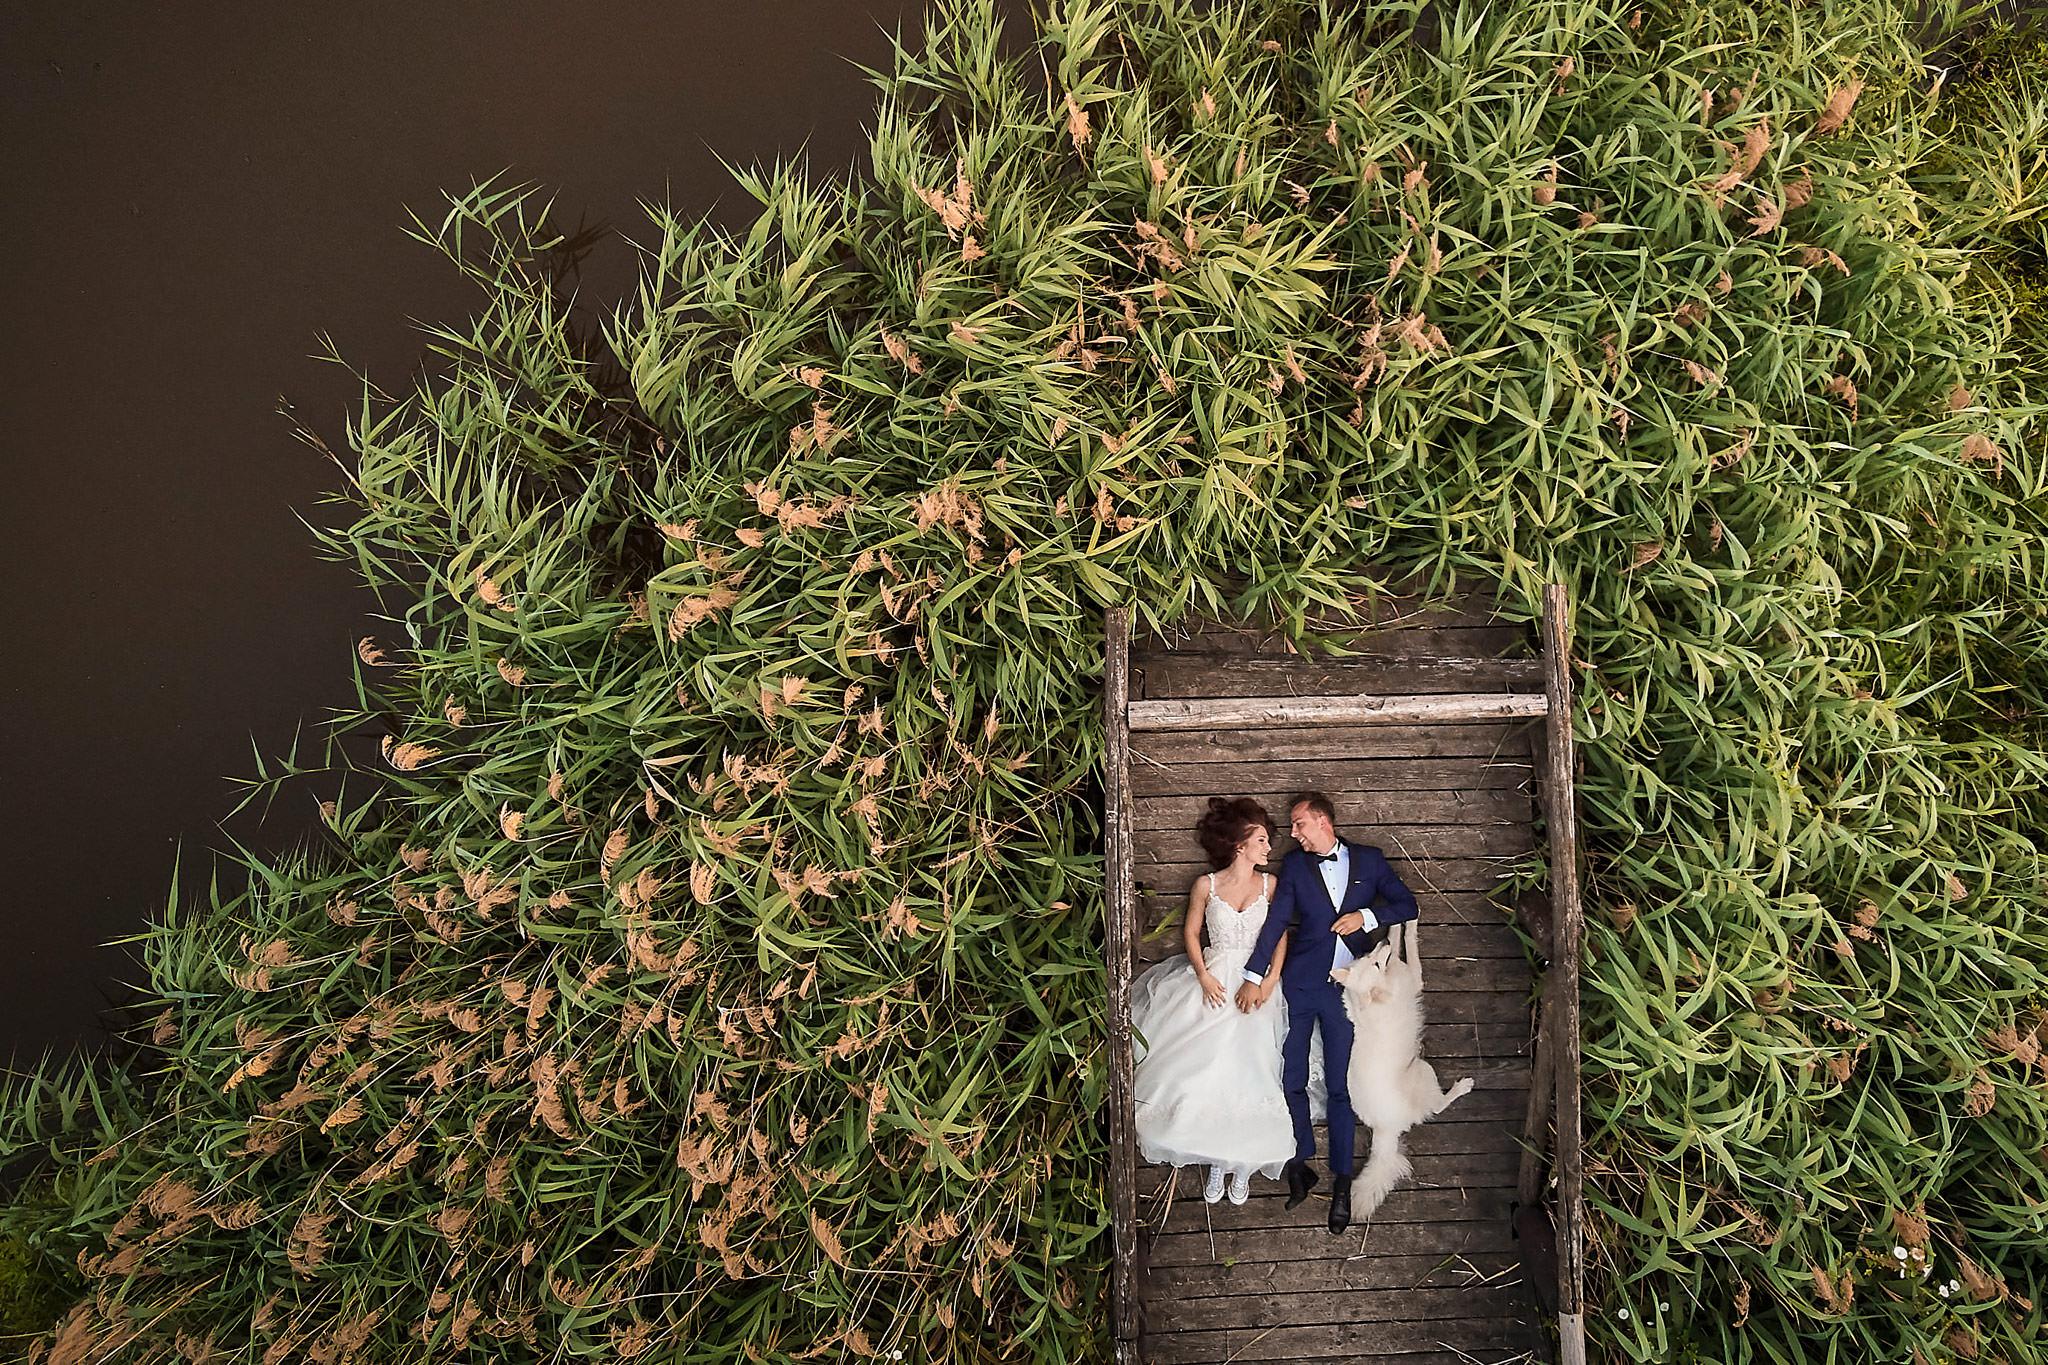 014 dron na wesele cena